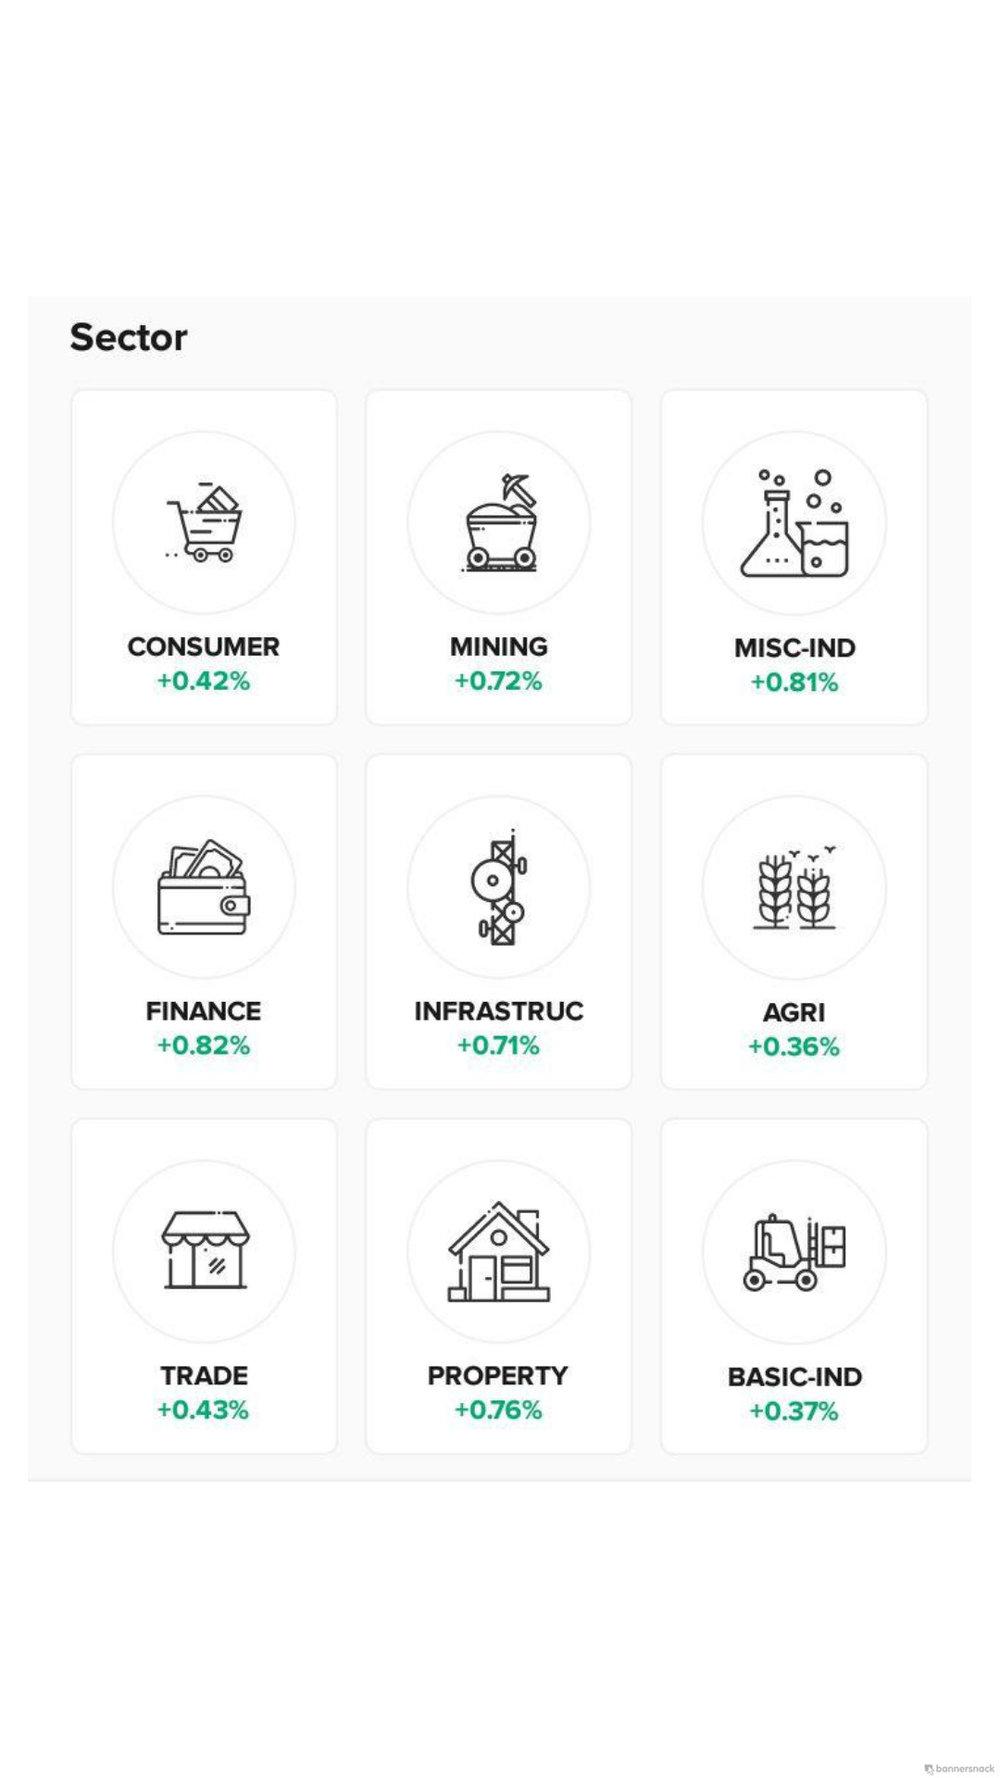 7. Sektor - Di Bursa Efek Indonesia, saham-saham yang ada dikelompokkan berdasarkan sektor usahanya.Ada 9 Sektor di Bursa Efek Indonesia yaitu:1. Sektor Pertanian ($AGRI)2. Sektor Pertambangan ($MINING)3. Sektor Perdagangan ($TRADE)4. Sektor Properti ($PROPERTY)5. Sektor Infrastruktur, utilitas dan transportasi ($INFRASTRUC)6. Sektor Industri Dasar dan Kimia ($BASIC-IND)7. Sektor Aneka Industri ($MISC-IND)8. Sektor Barang Konsumsi ($CONSUMER)9. Sektor Keuangan ($FINANCE)